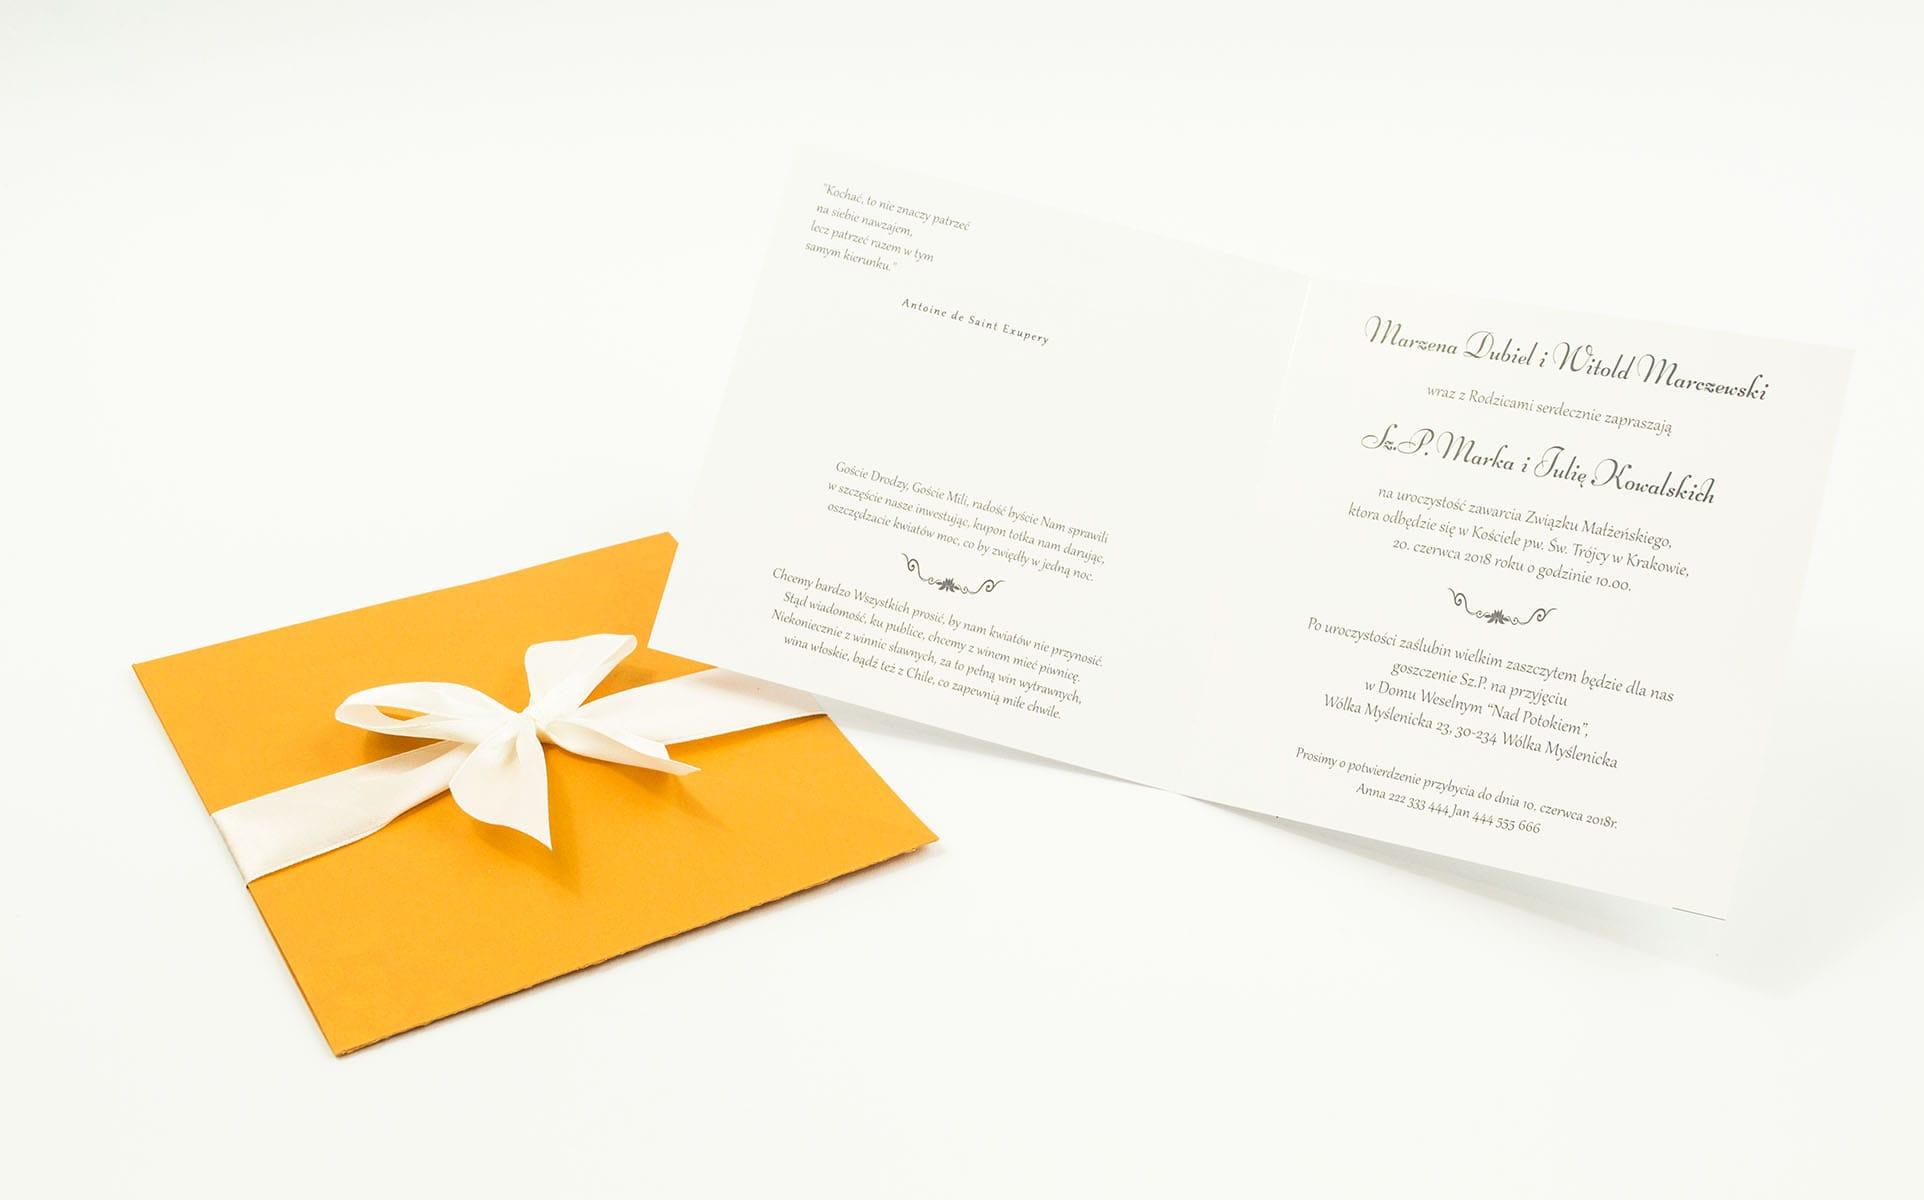 Dwuczęściowe zaproszenia ślubne z charakterystyczną kopertą w kolorze pomarańczowy liść, satynową wstążką oraz wkładką. ZAP-45-67